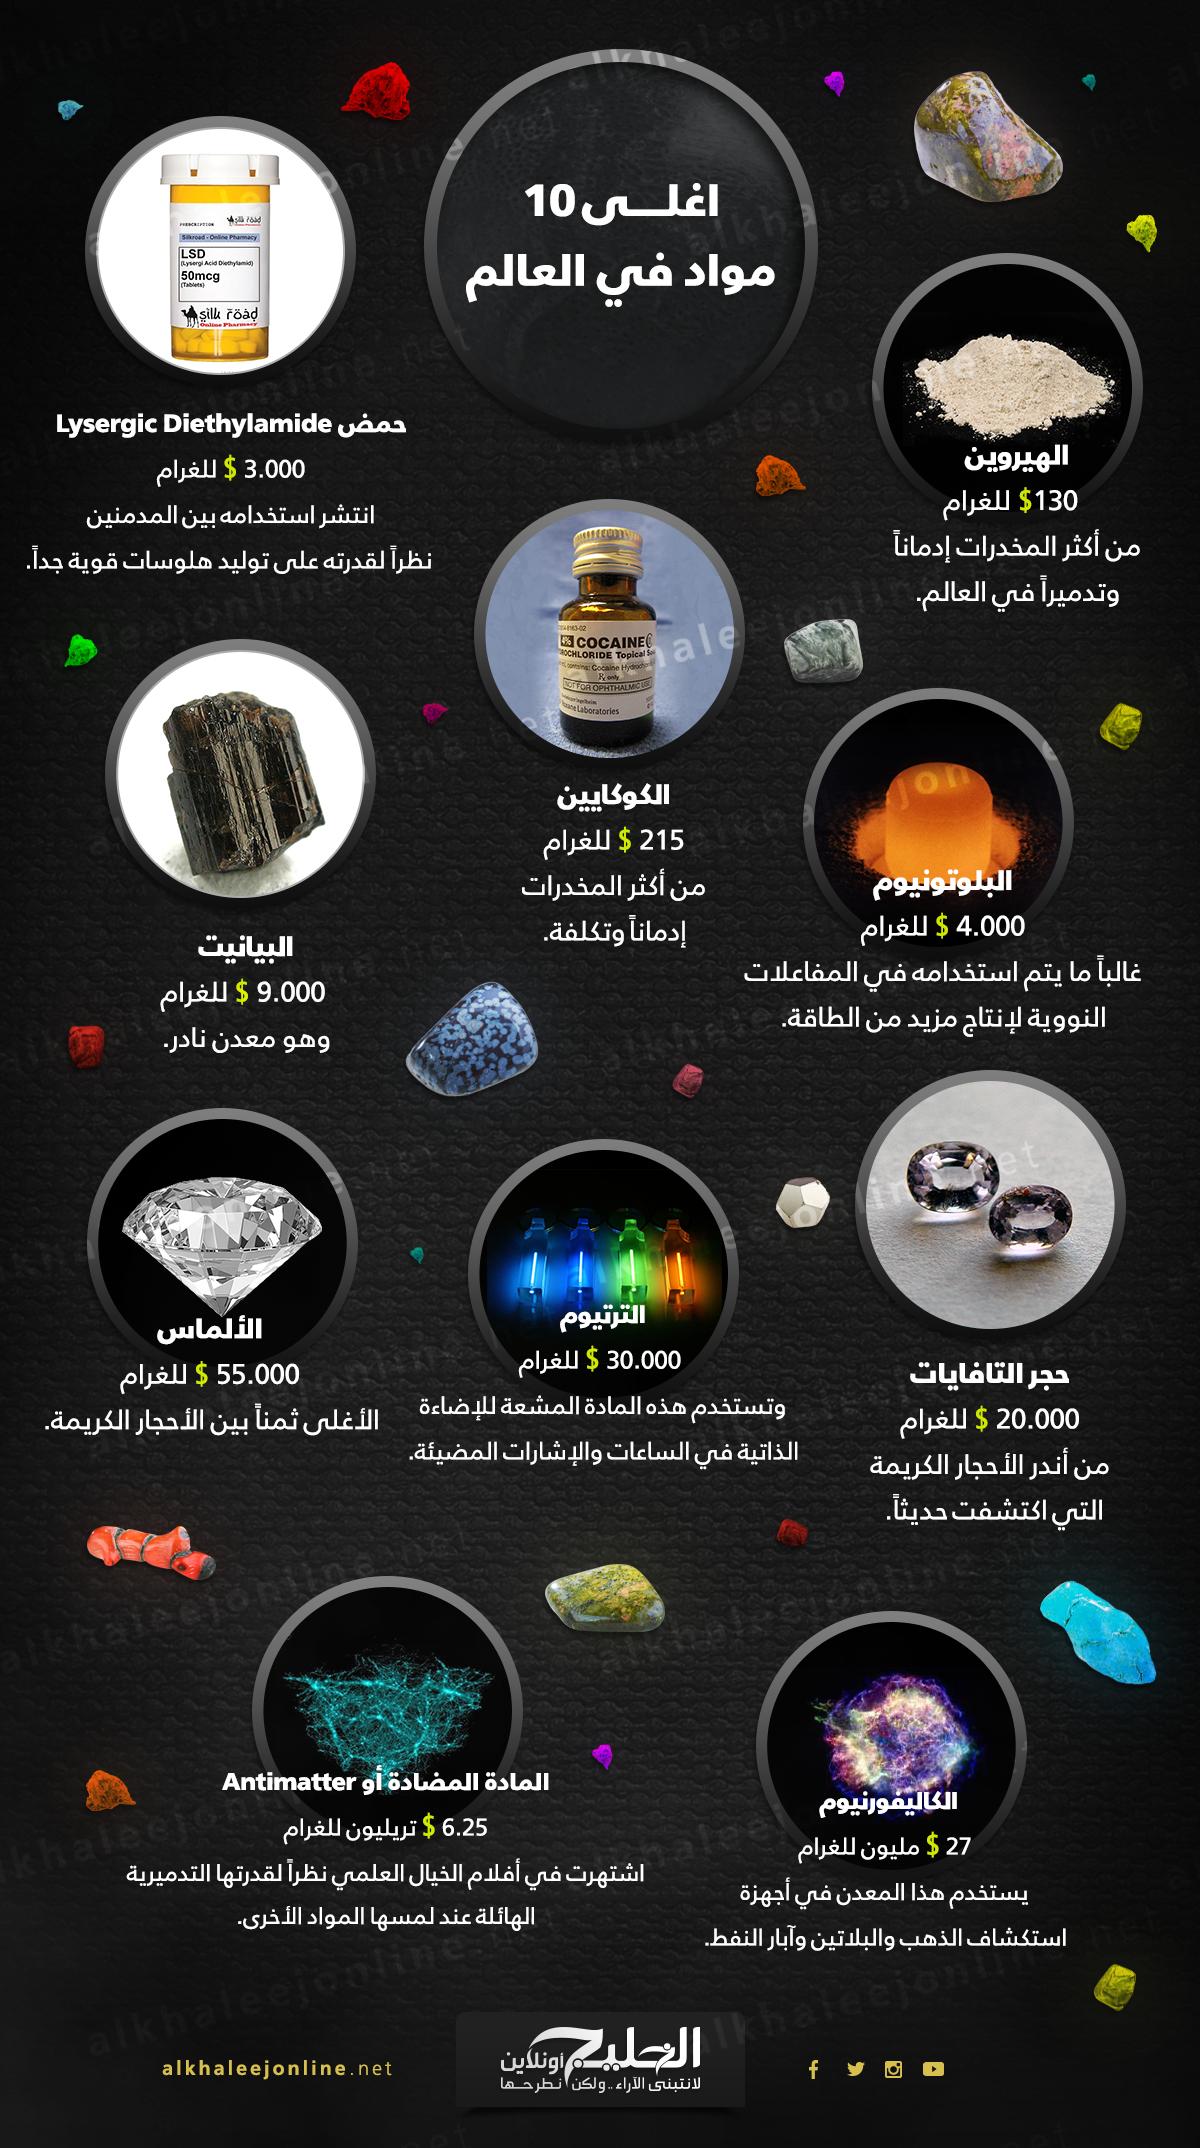 اغلى-10-مواد-في-العالم(1)